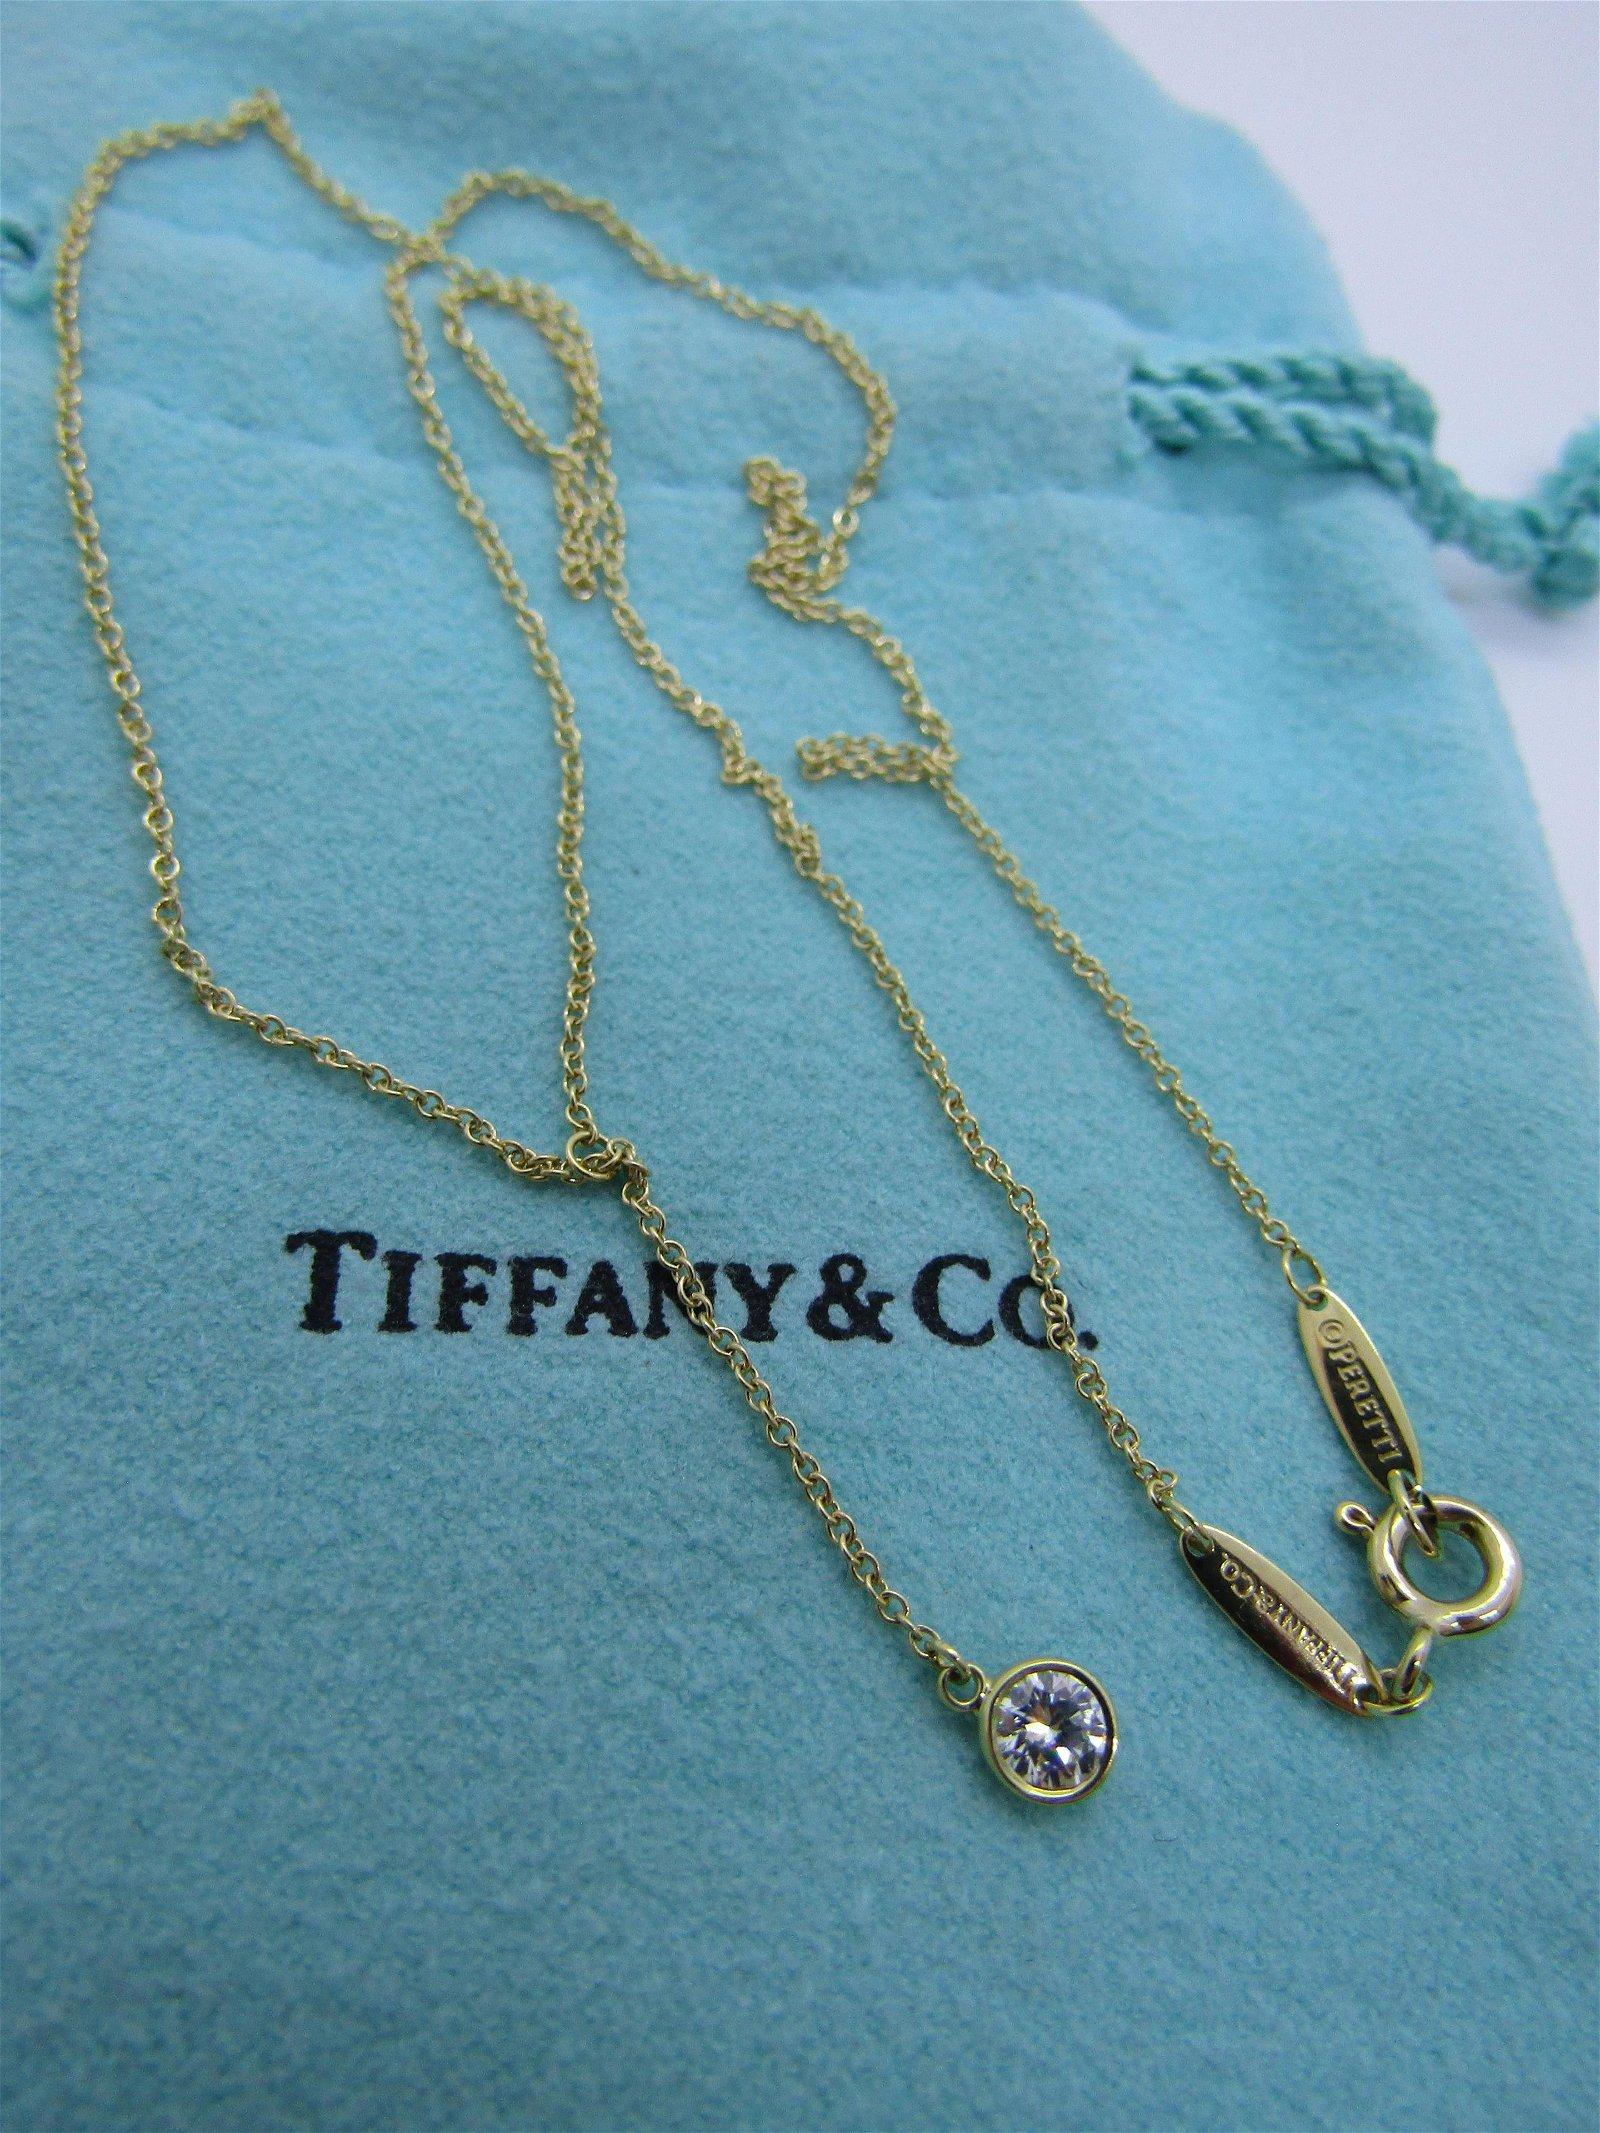 TIFFANY & CO DIAMOND NECKLACE 18K GOLD 750 PERETTI